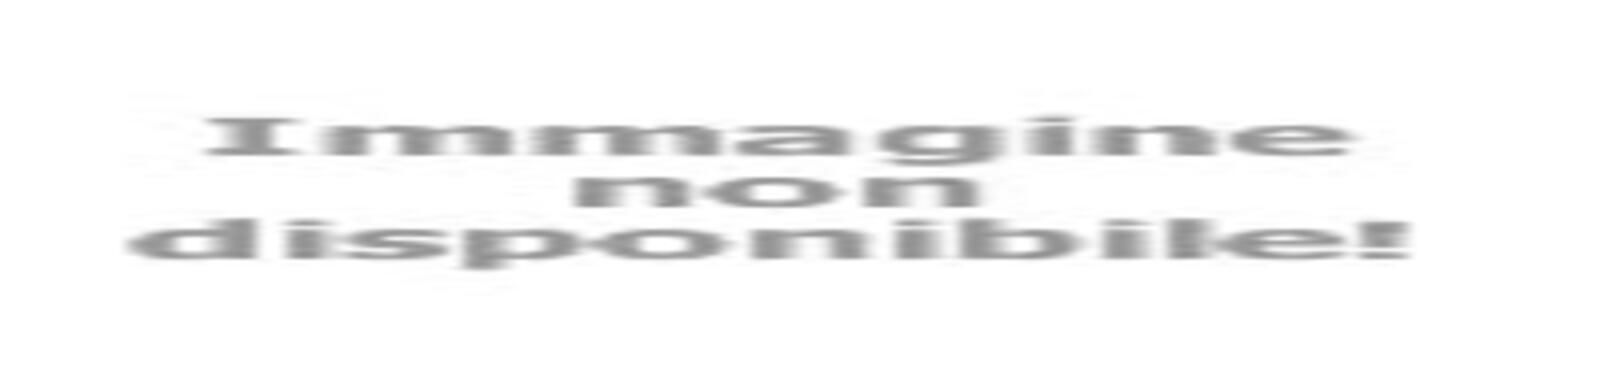 petronianaviaggi it roma-palazzo-barberini-e-il-monastero-di-trinita-dei-monti-v341 002